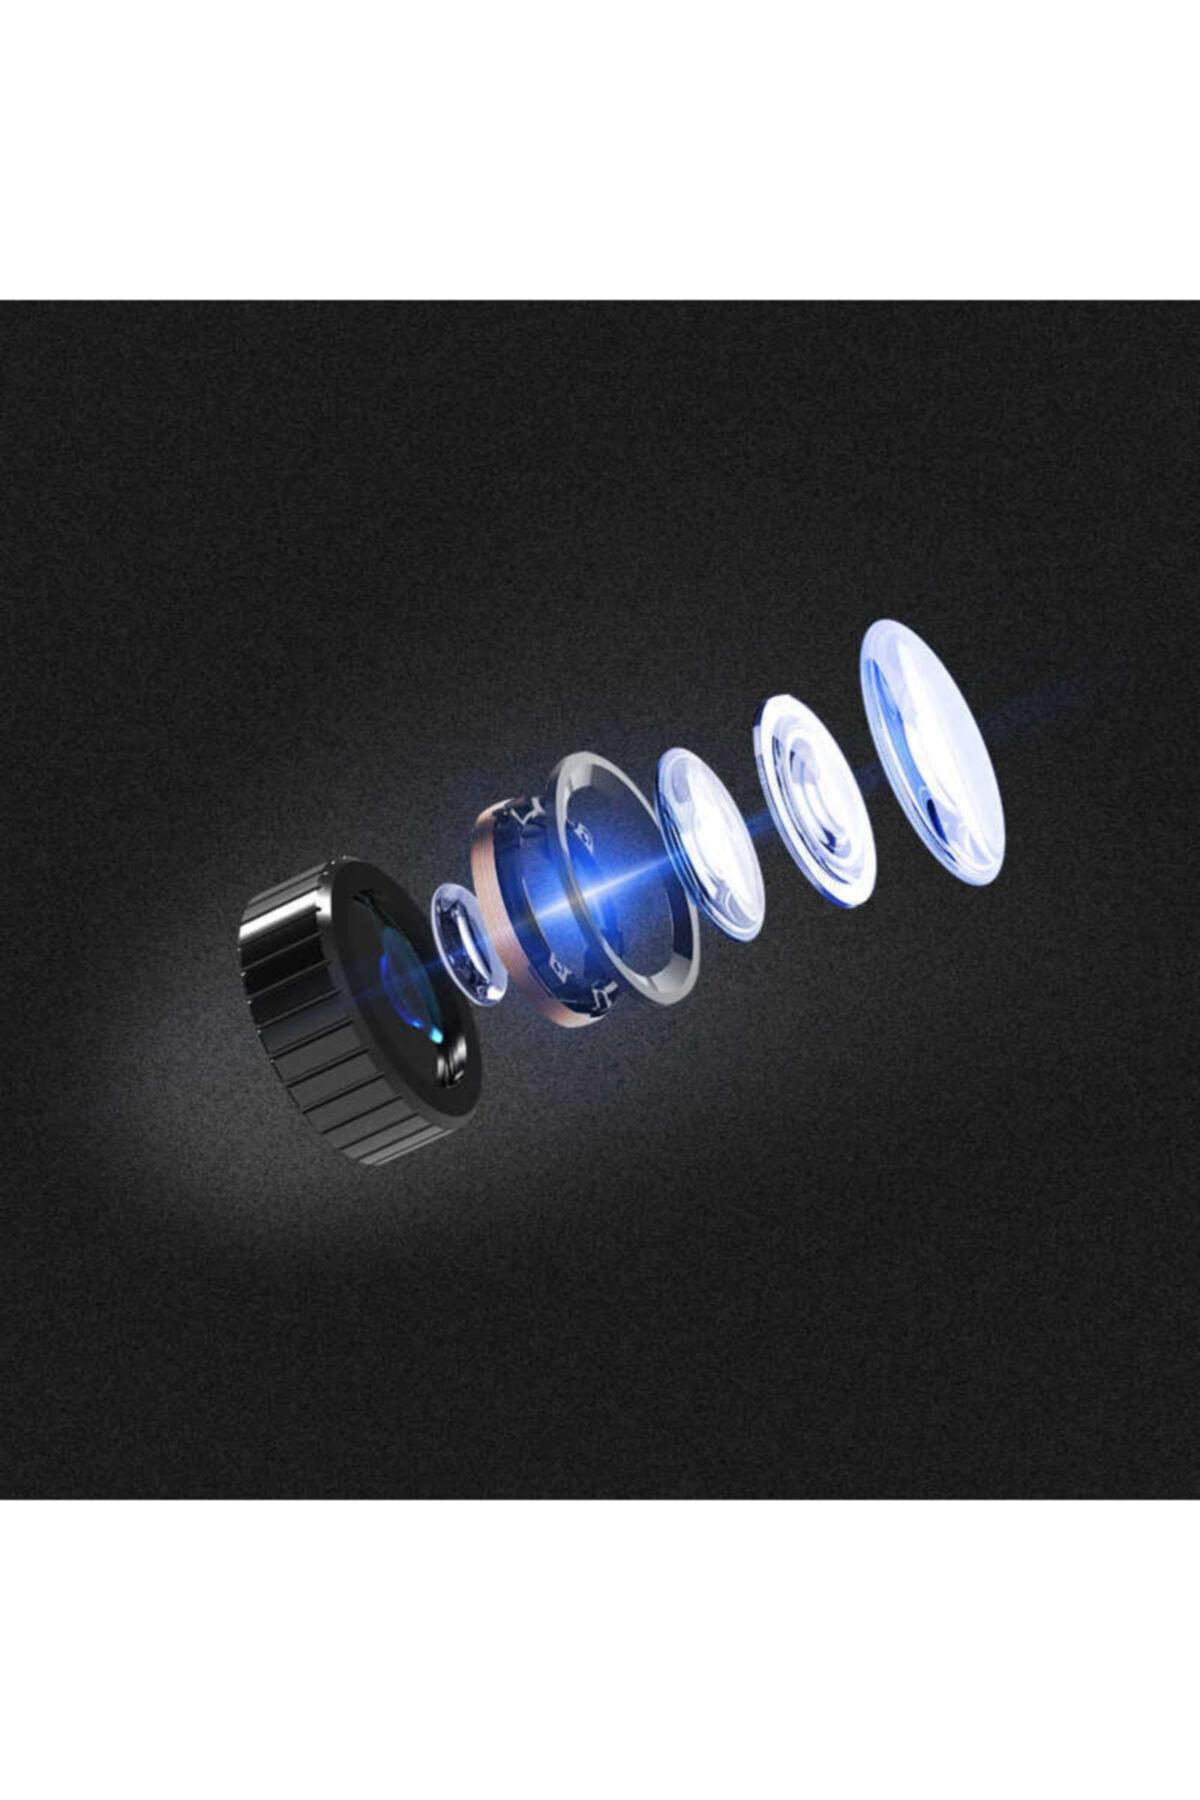 dijimedia G06b Vr Shinecon 3d Sanal Gerçeklik Gözlüğü 2